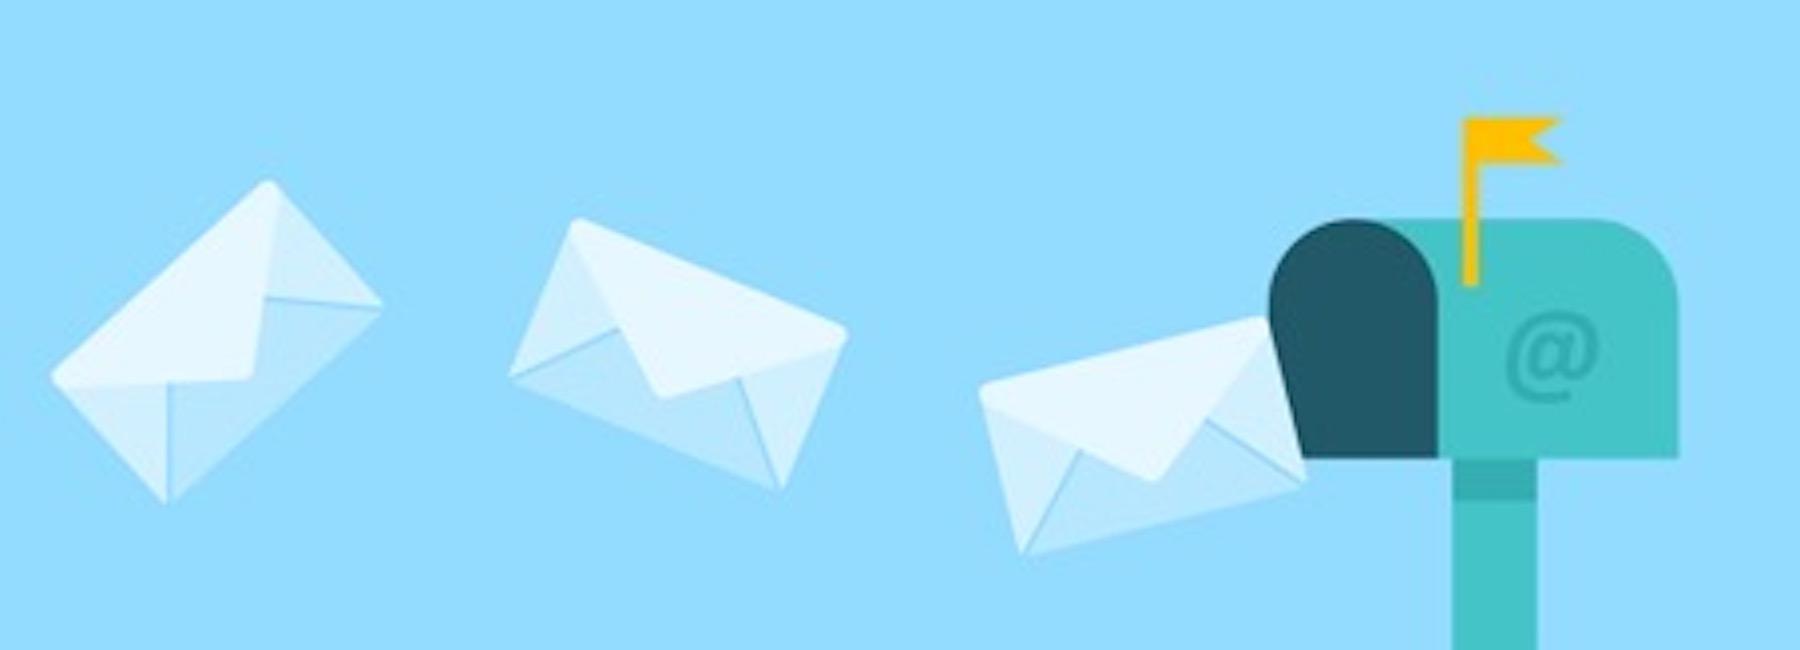 E-Mail-Marketing erreicht Postfach